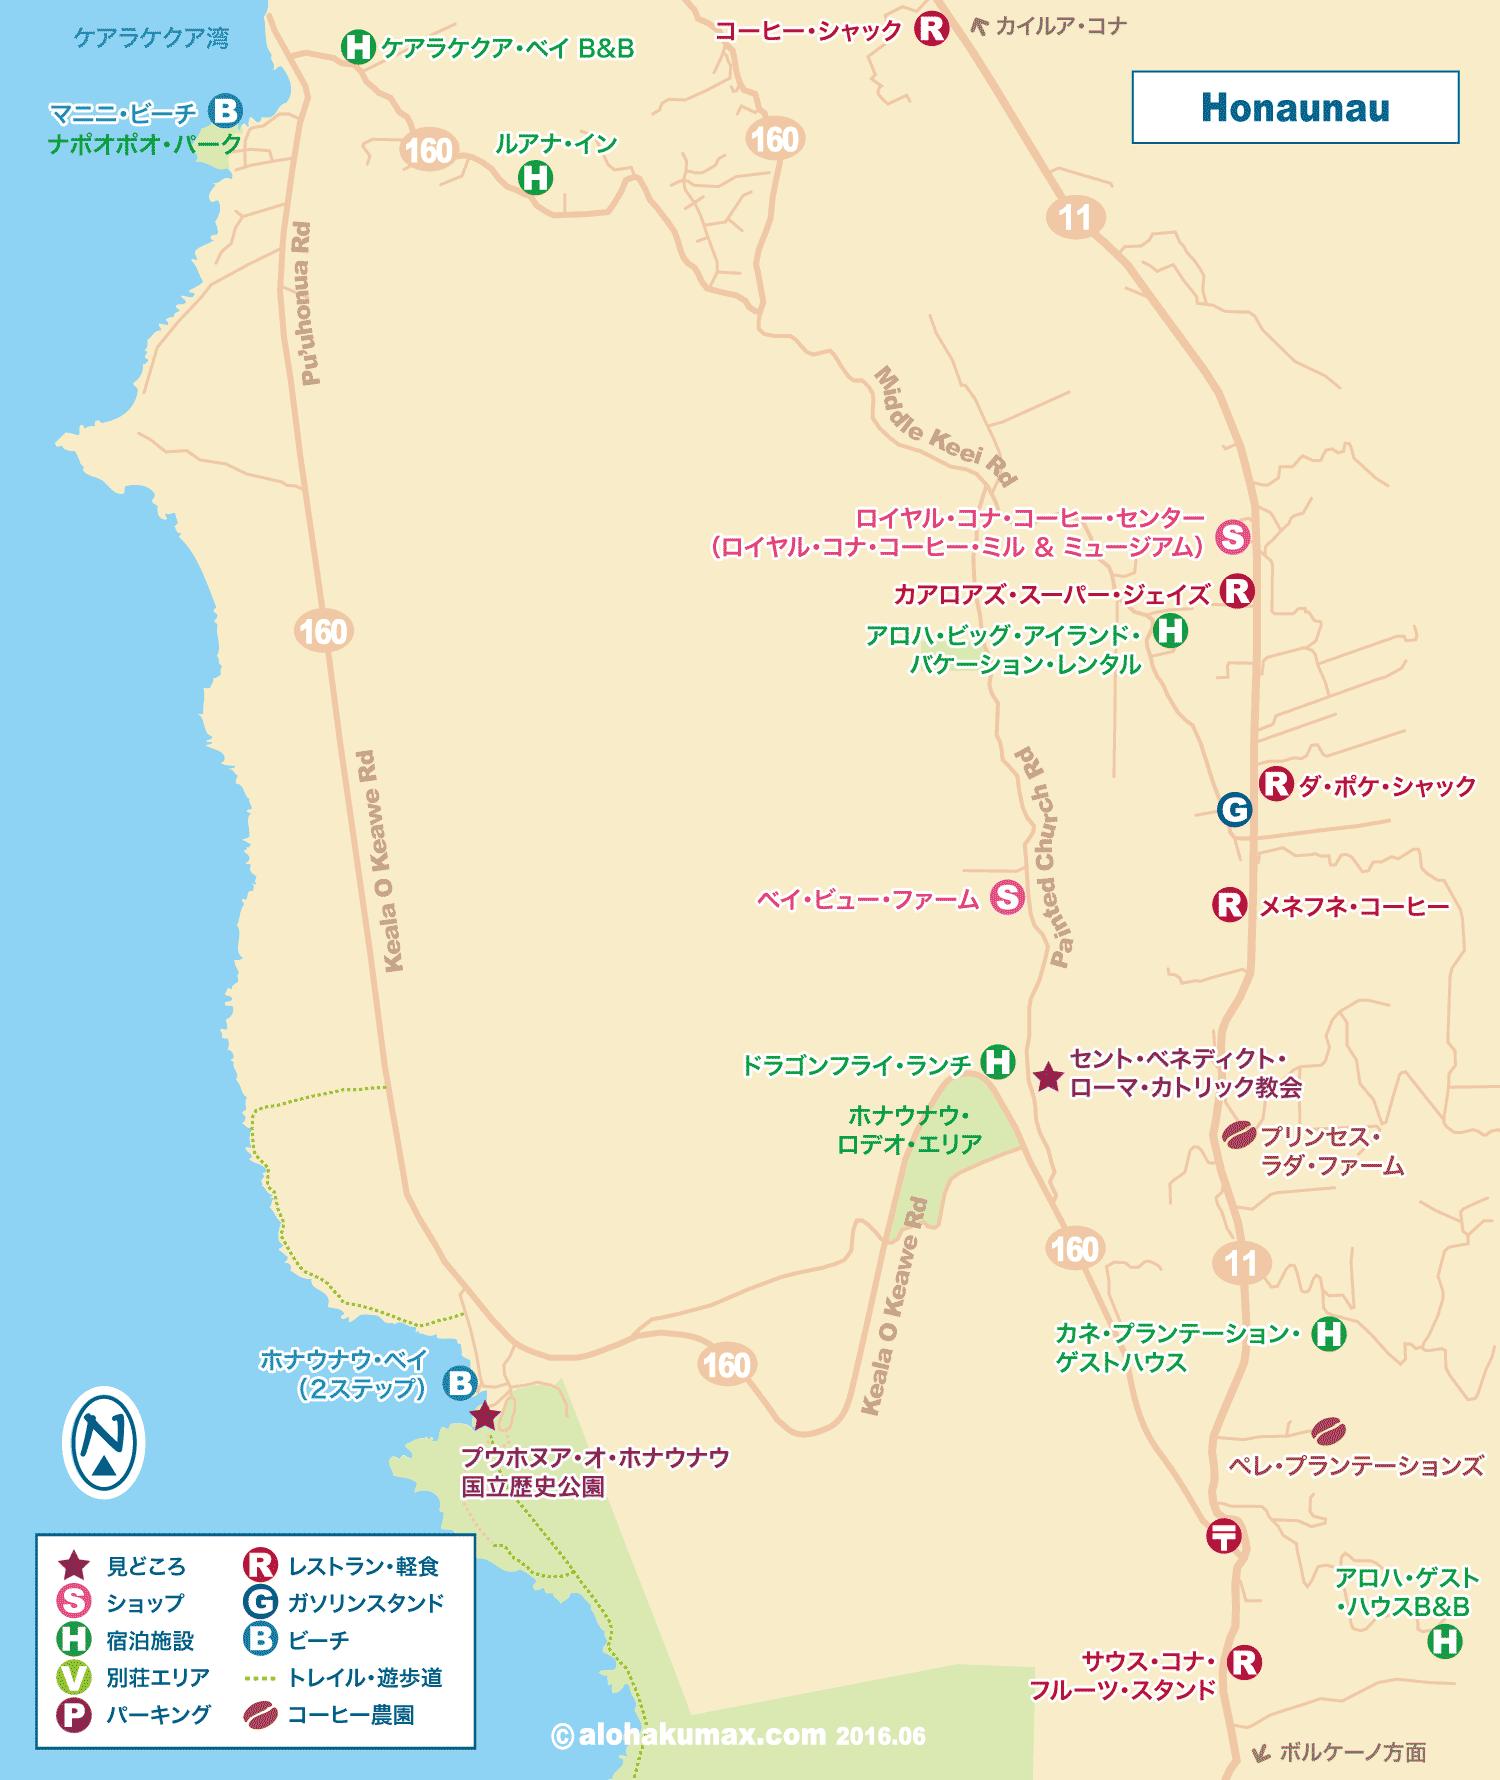 ホナウナウ 地図